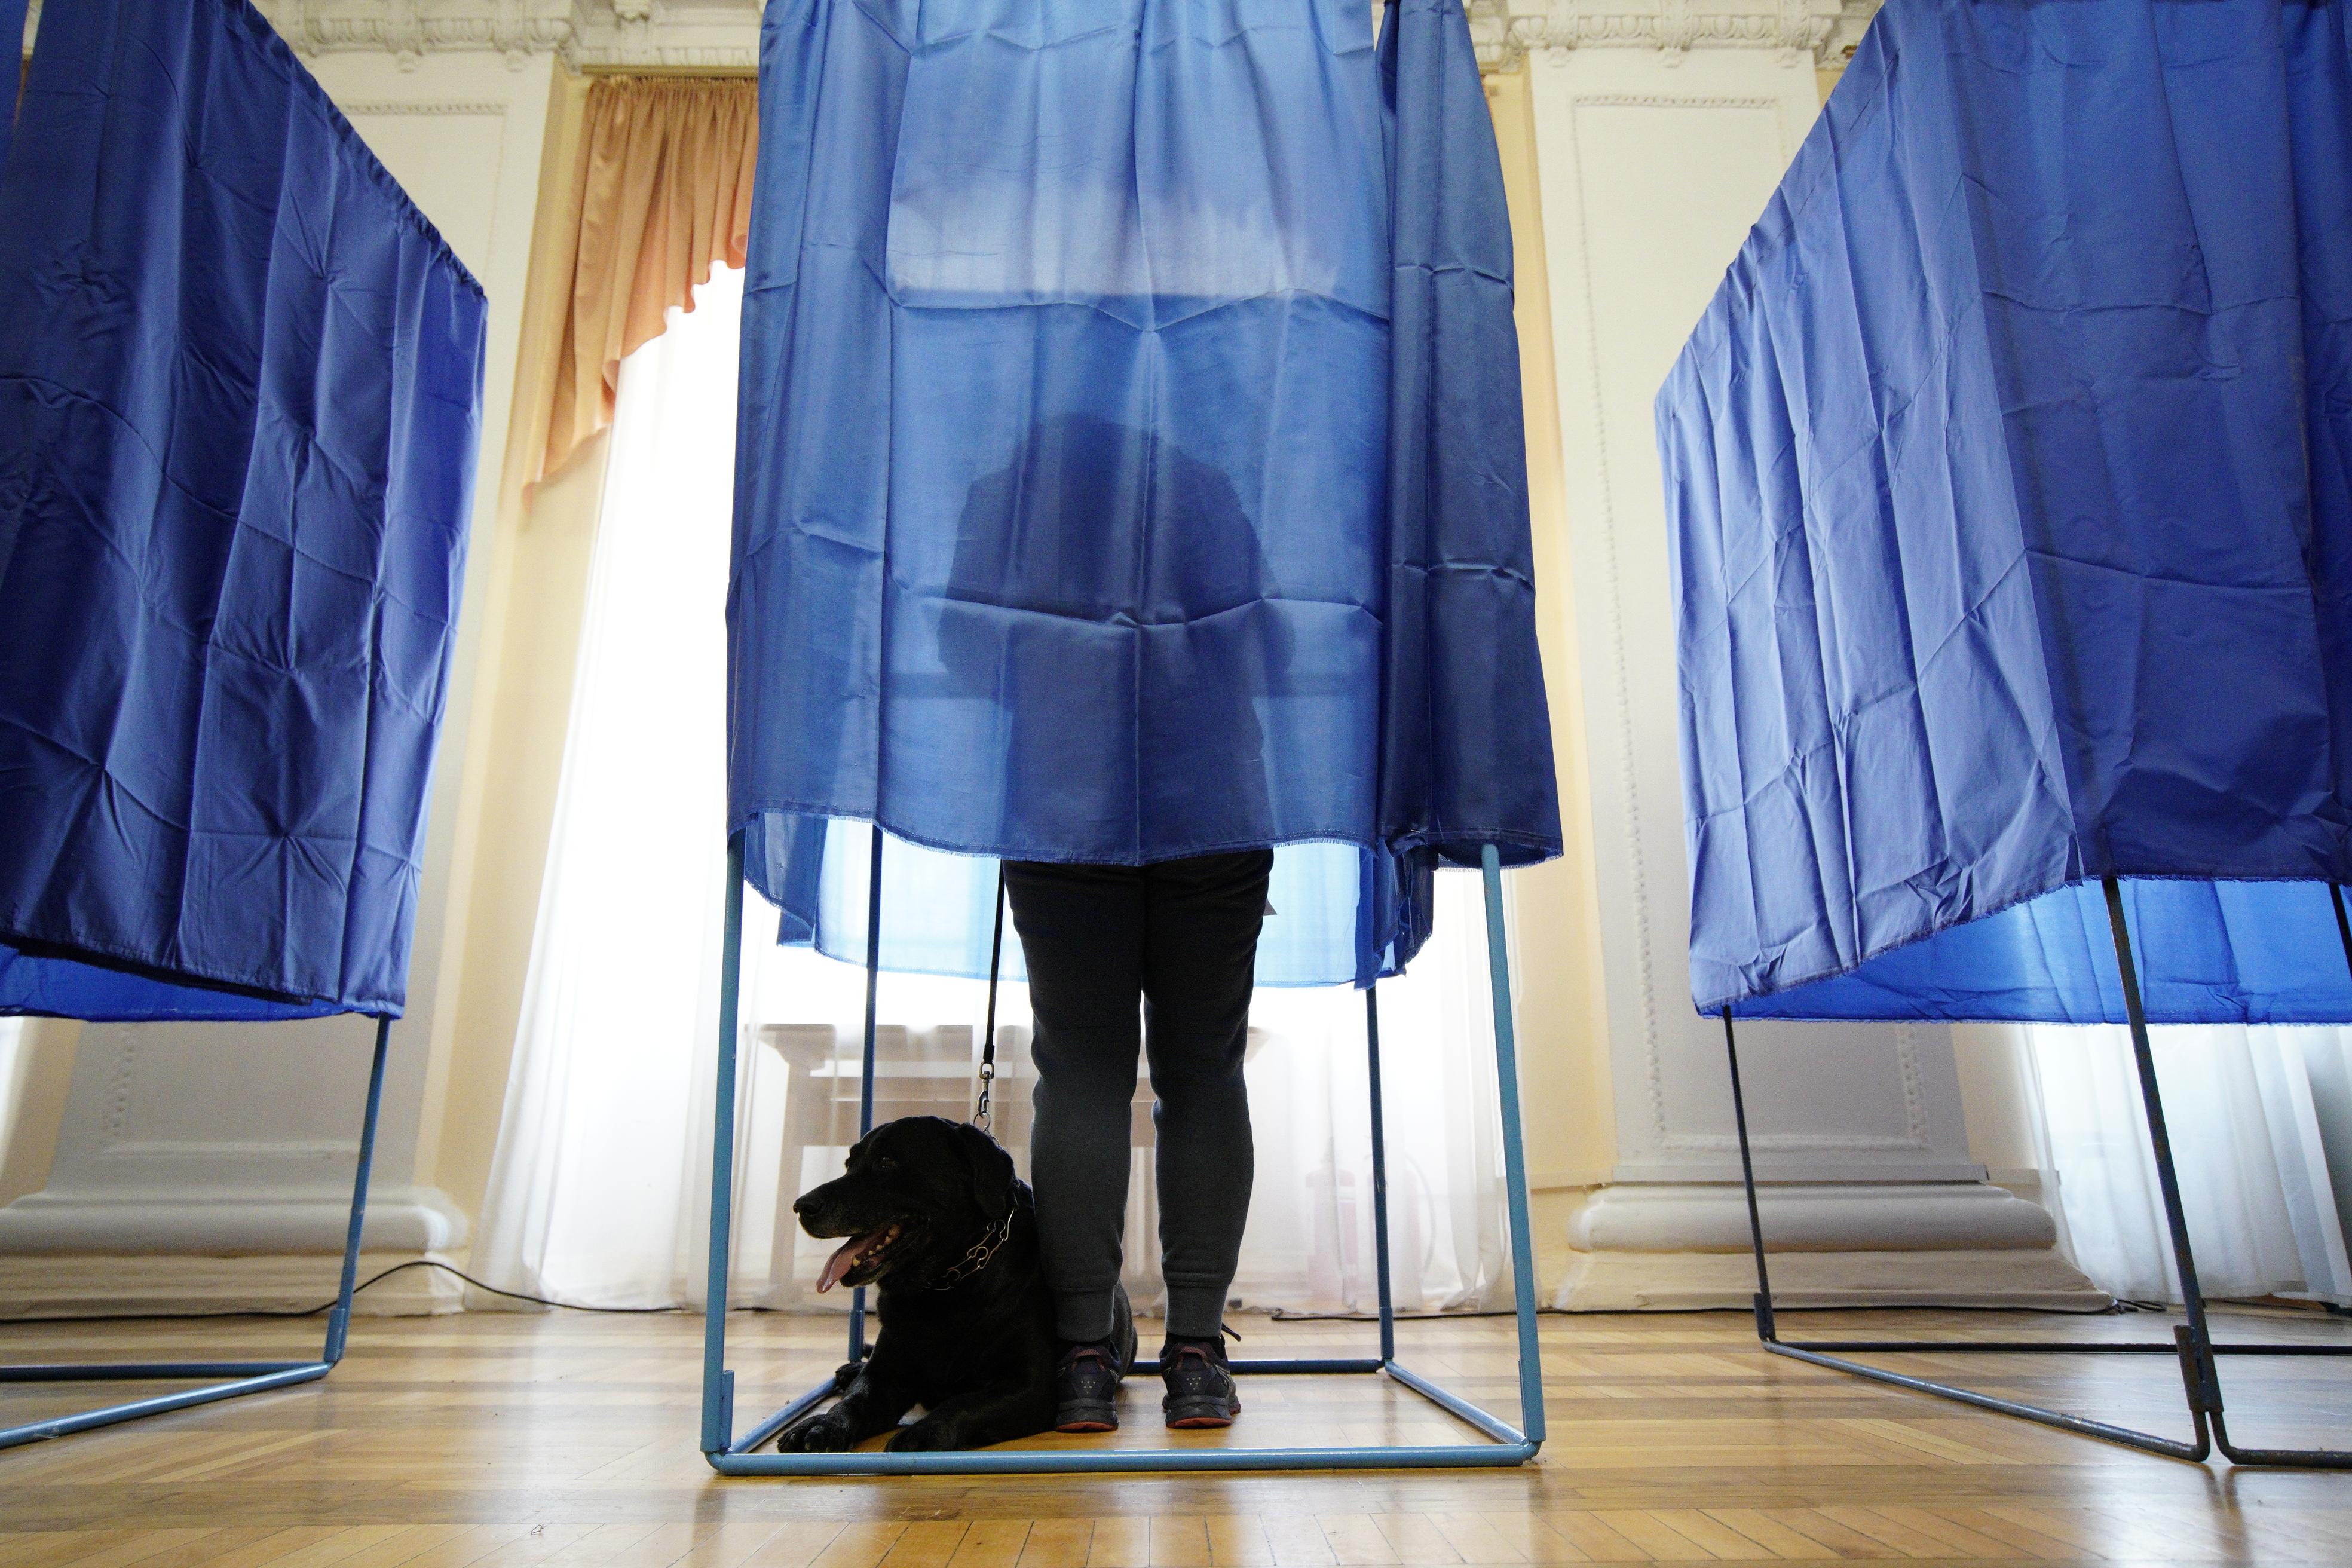 Vasárnap este 11-ig biztosan nem közölnek választási eredményeket